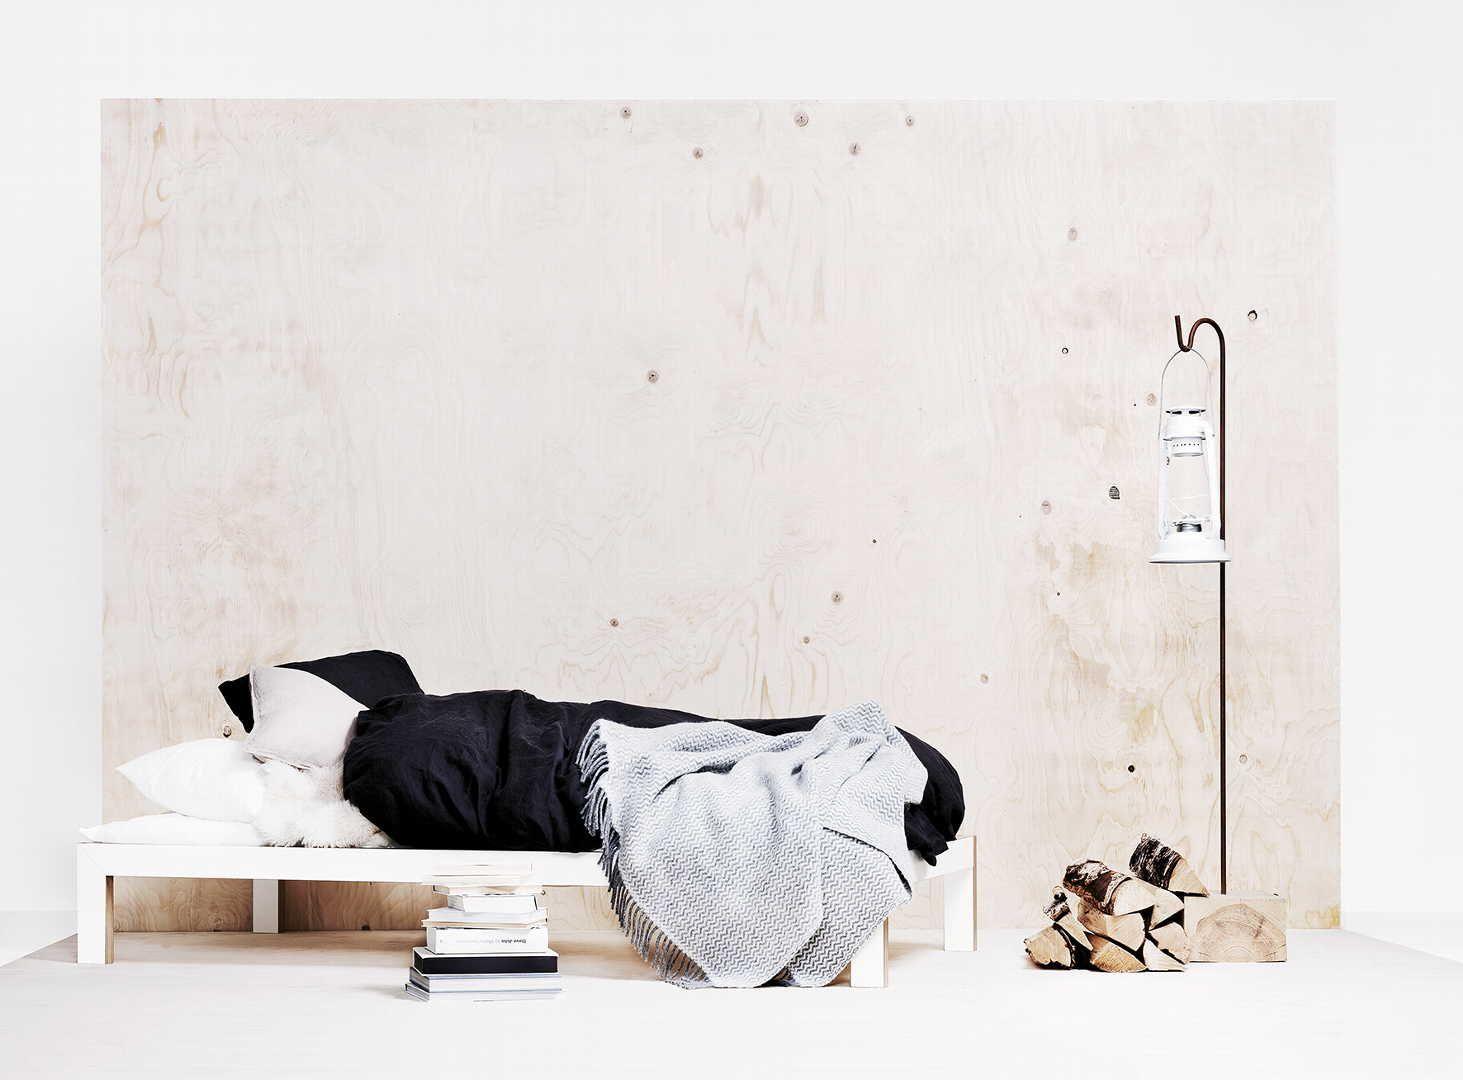 Selkeälinjainen sänkyrunko, hillityn tyylikkäät vuodevaatteet, sekä koriste-esineet luovat persoonallisen ilmeen makuuhuonetilaan. Klikkaa kuvaa, niin näet tarkemmat tiedot!